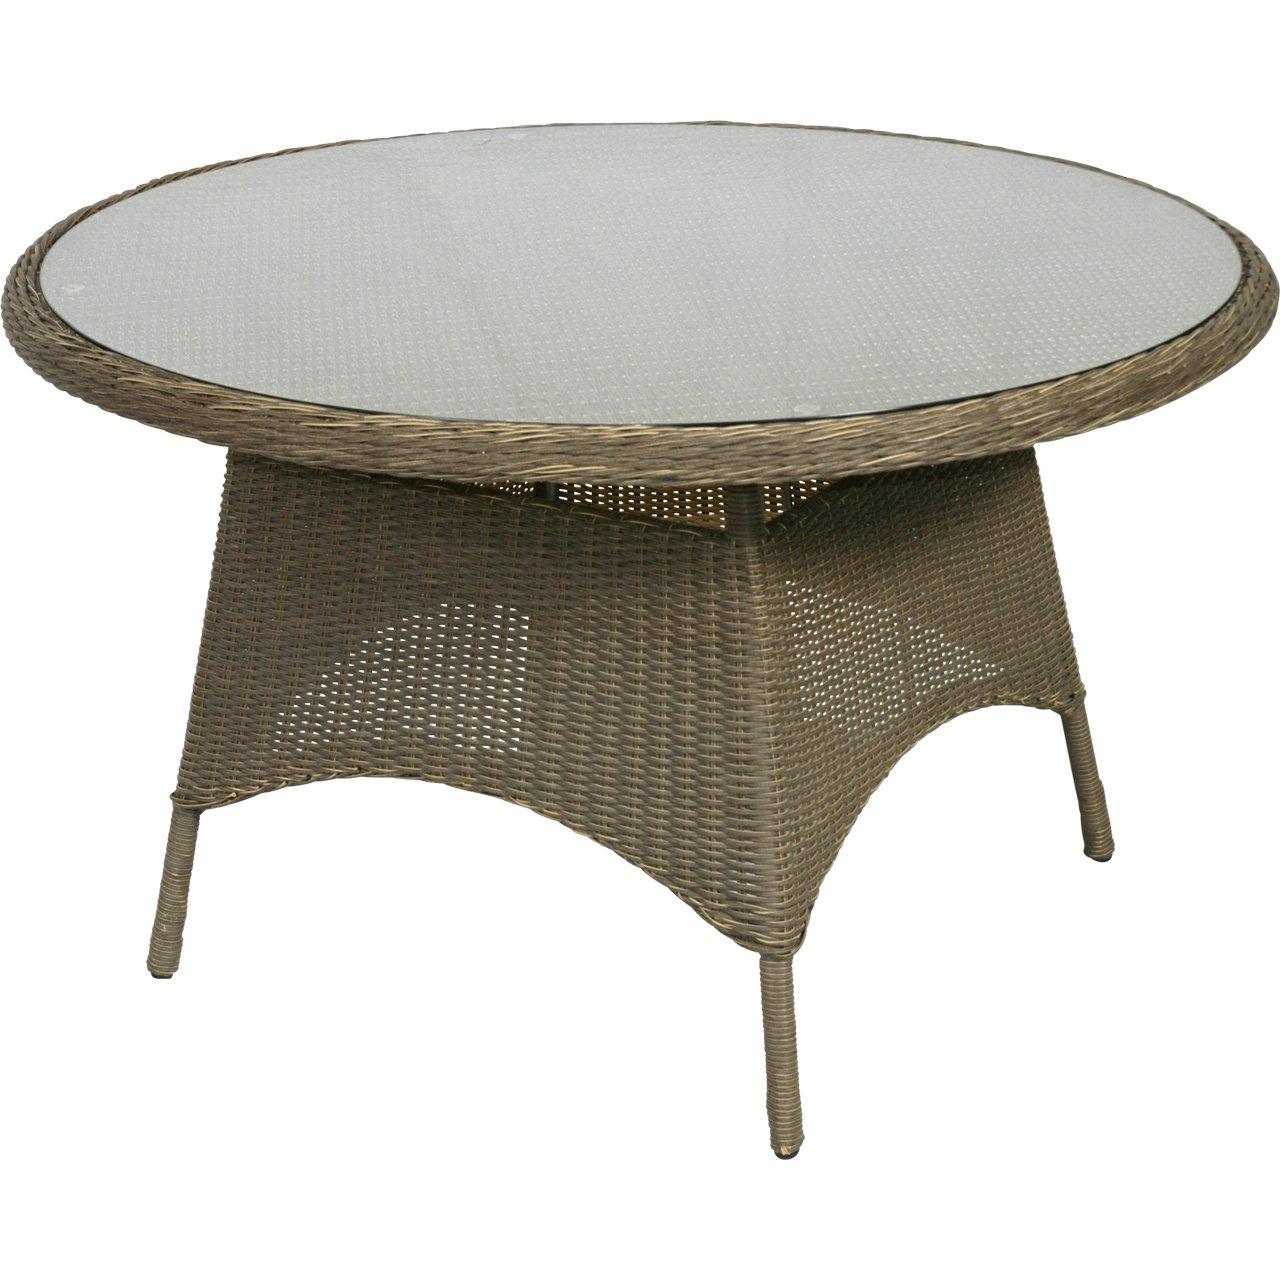 Gartentisch Alu-Gestell mit honigfarbenem Geflecht und Glasplatte ø125x76cm günstig online kaufen